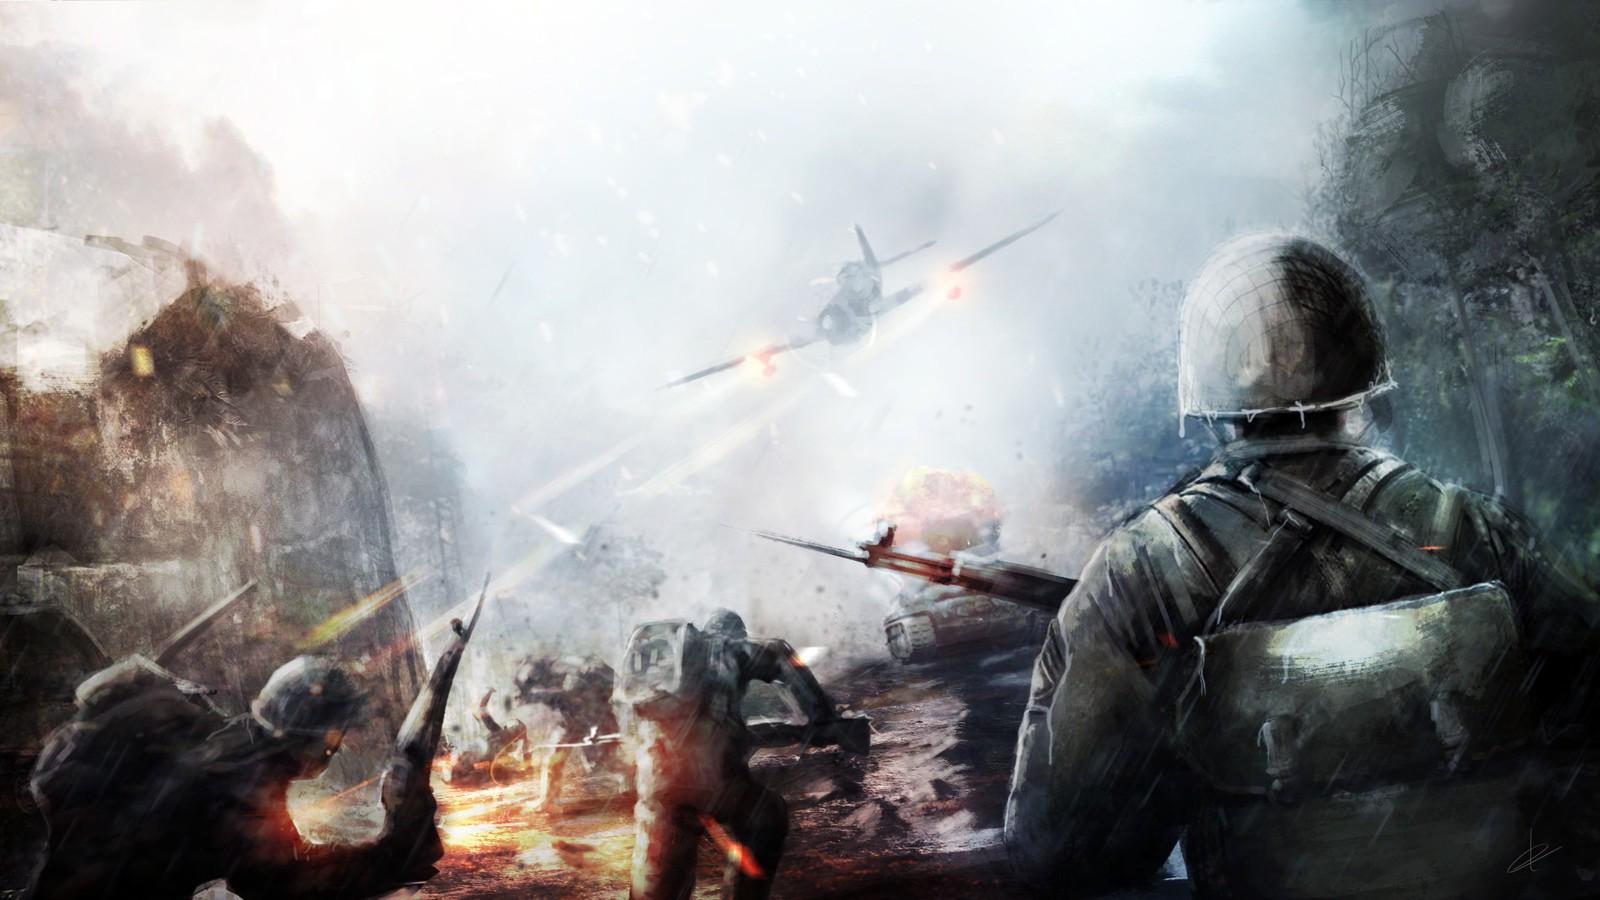 upcoming battle royale games, firestorm